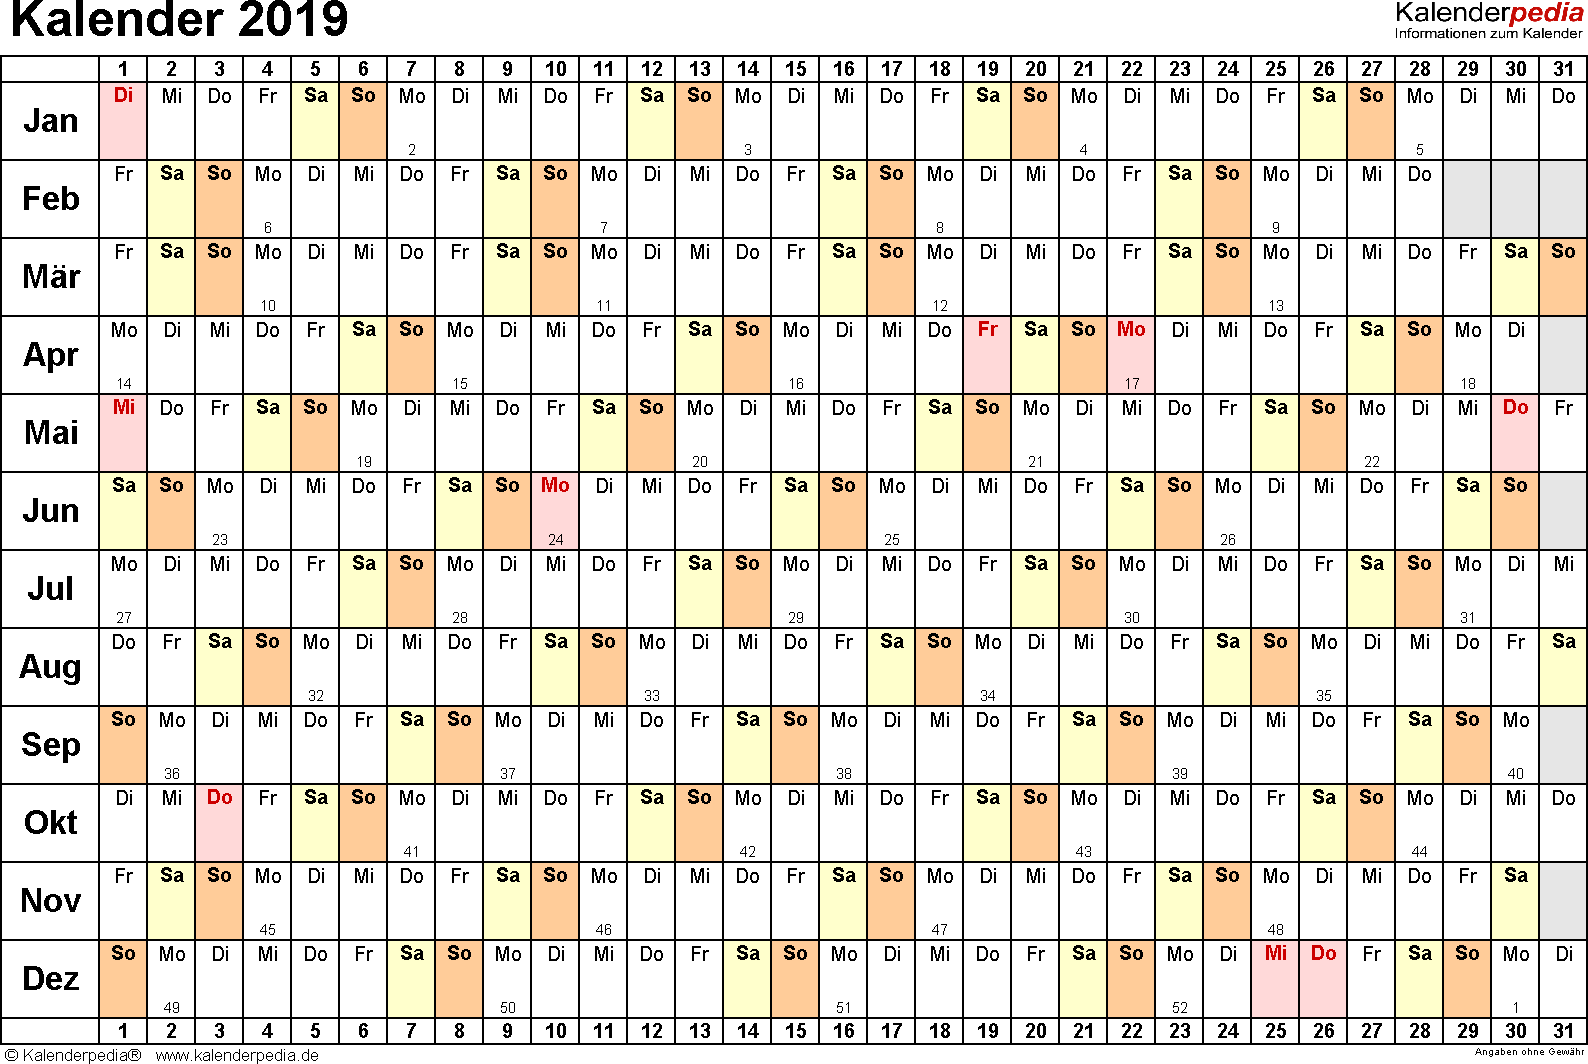 Vorlage 3: Kalender 2019 für Excel, Querformat, 1 Seite, Tage nebeneinander (linear)